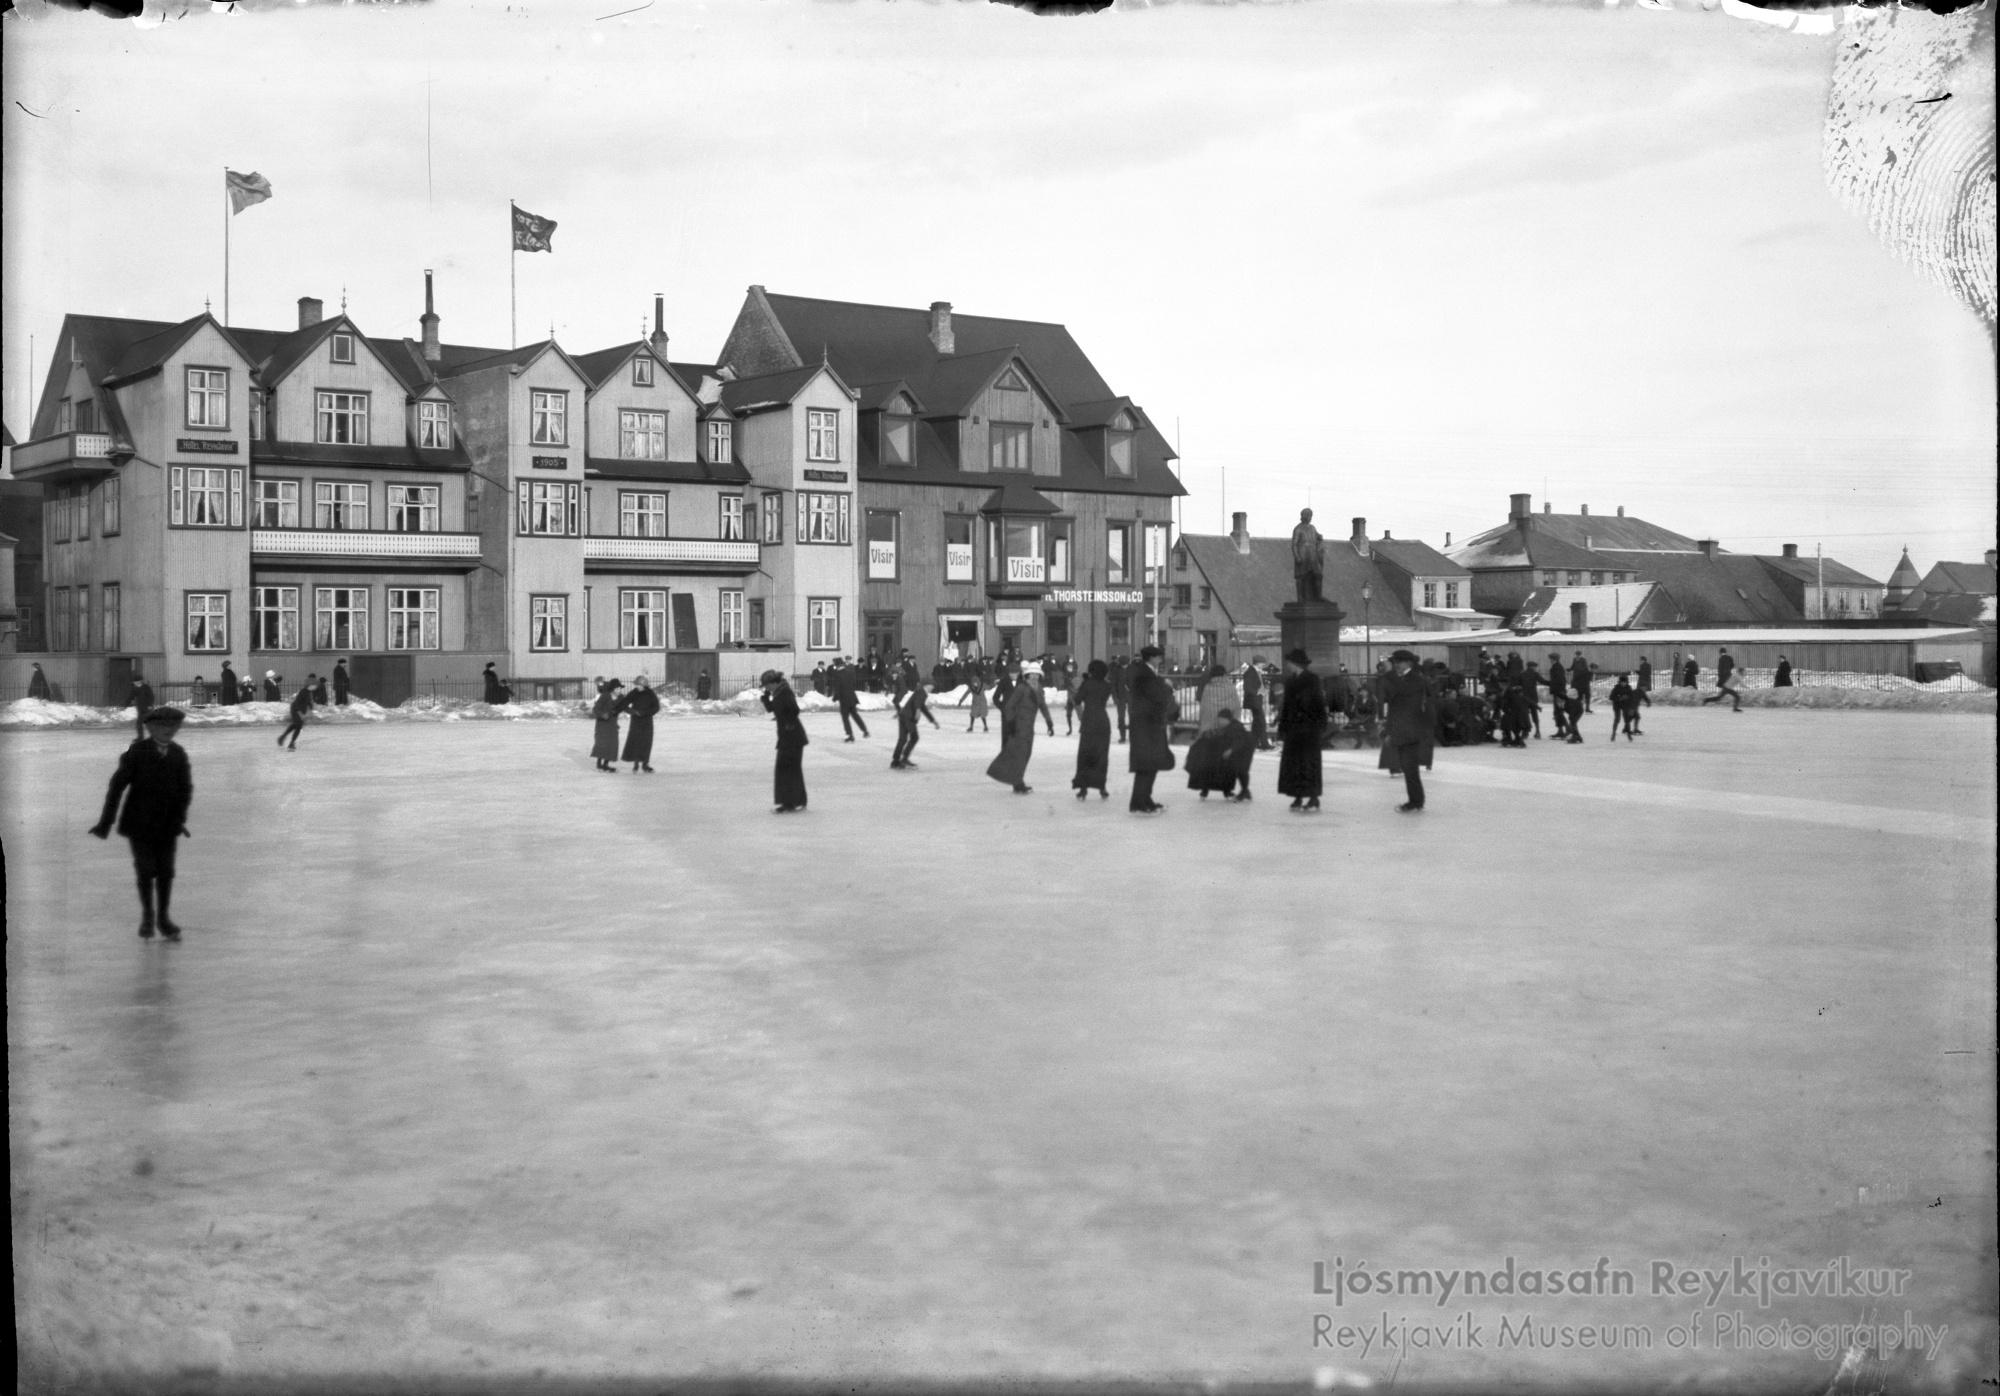 hotel_reykjavik.jpg